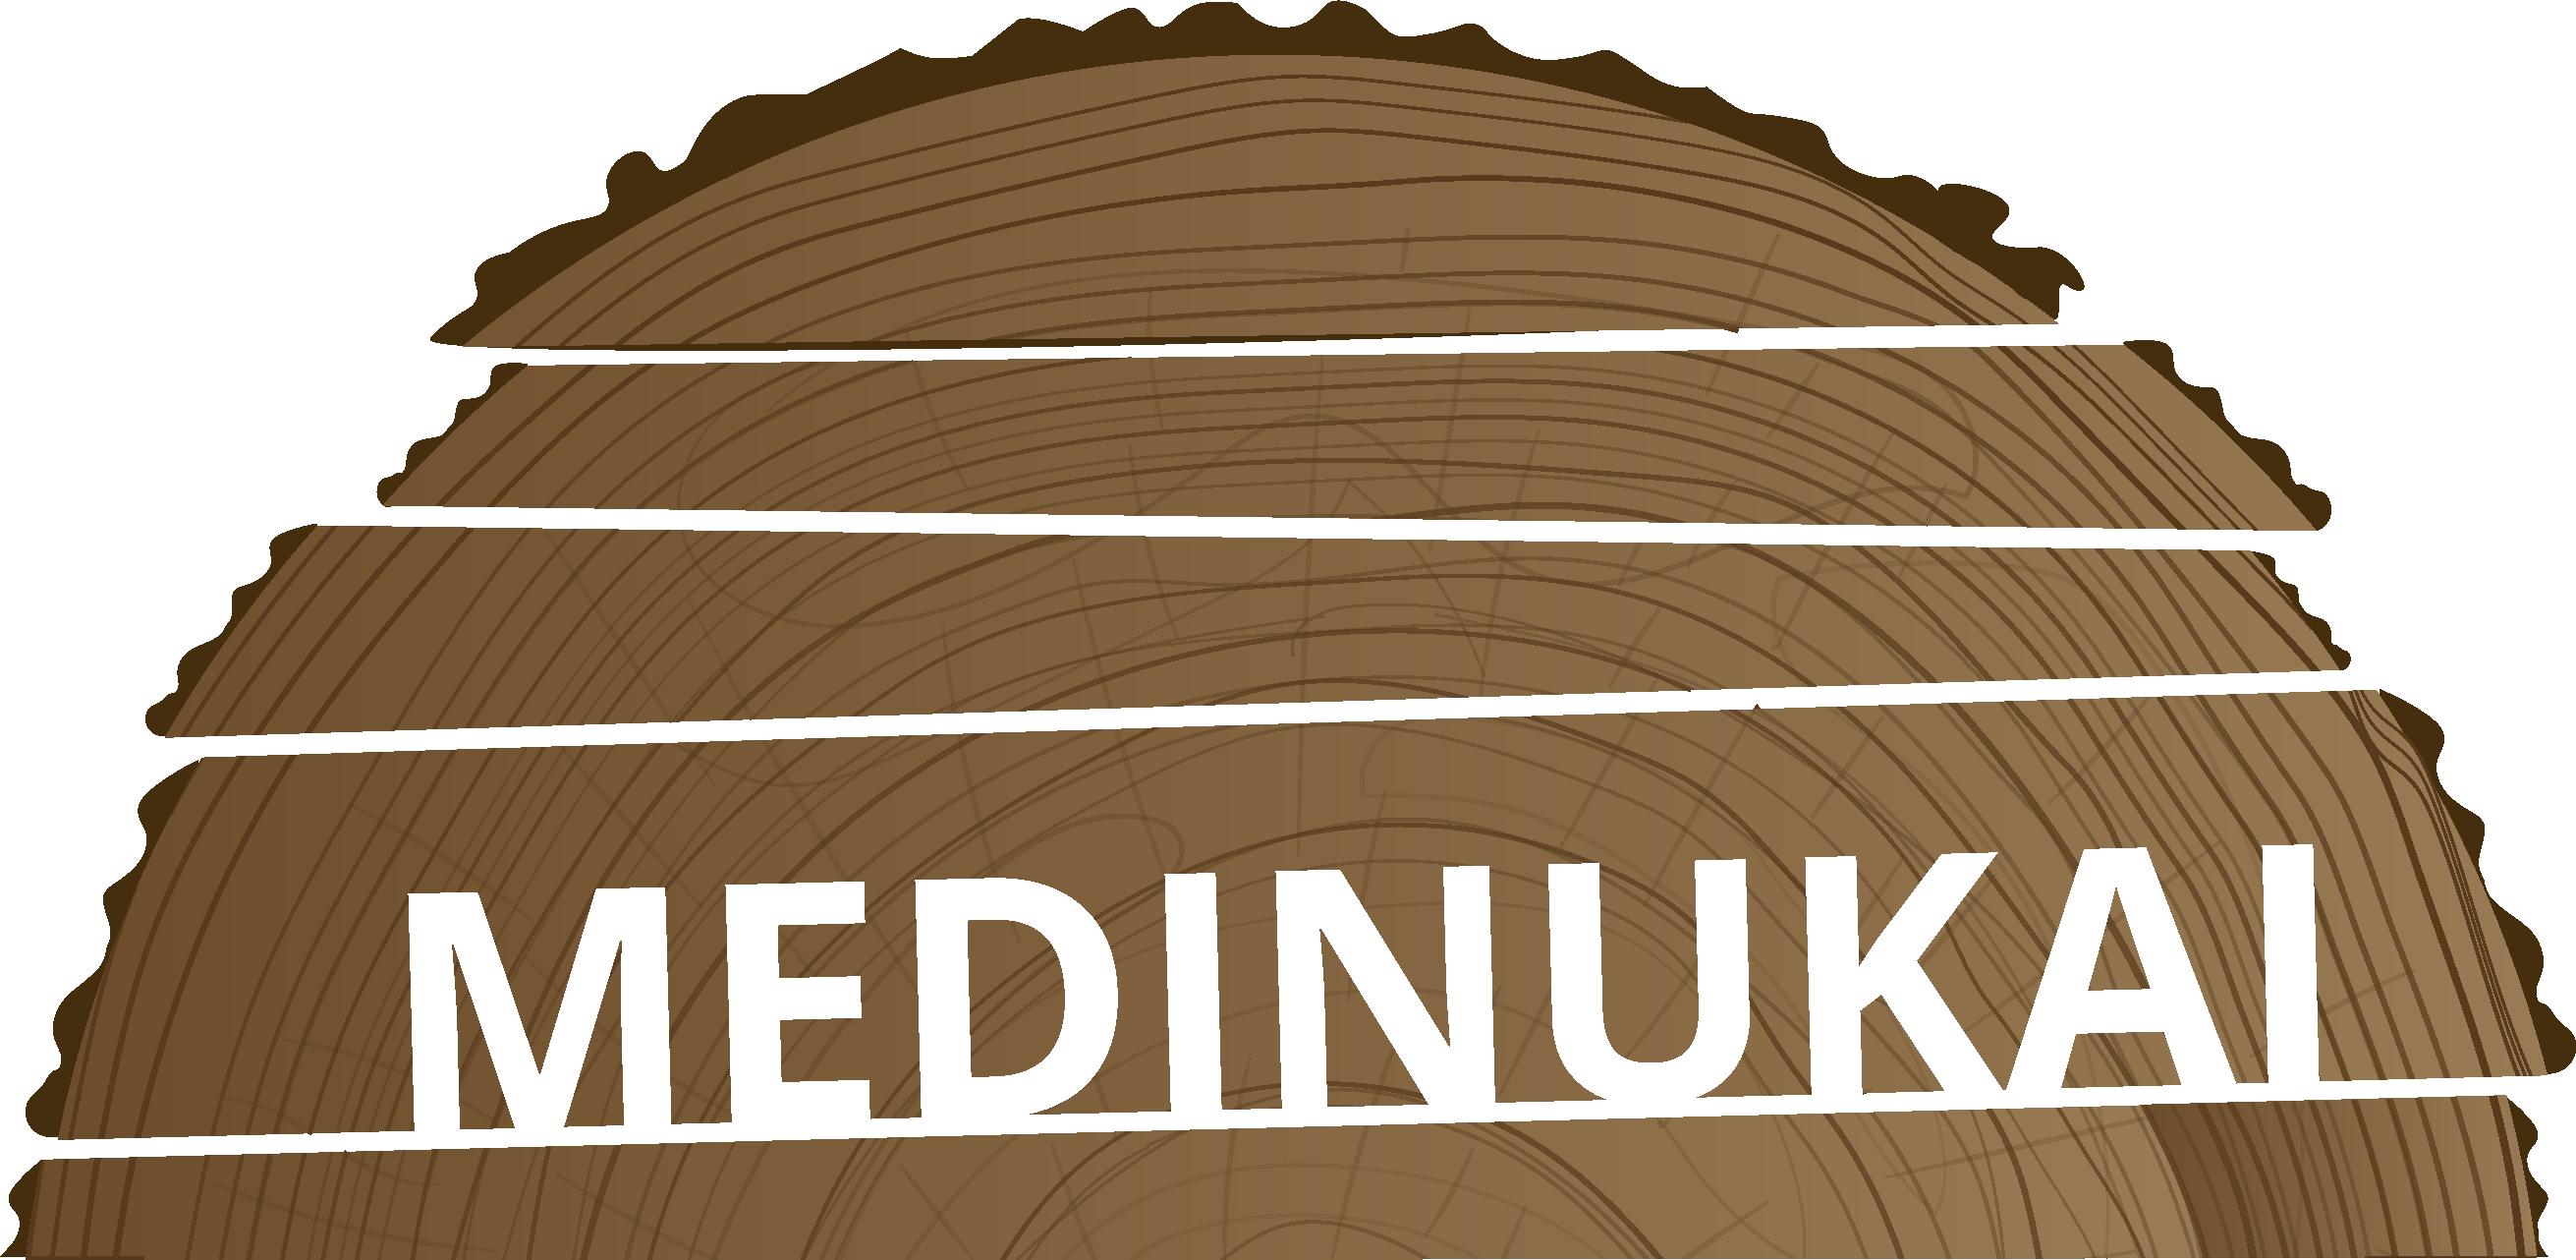 medinukai.net